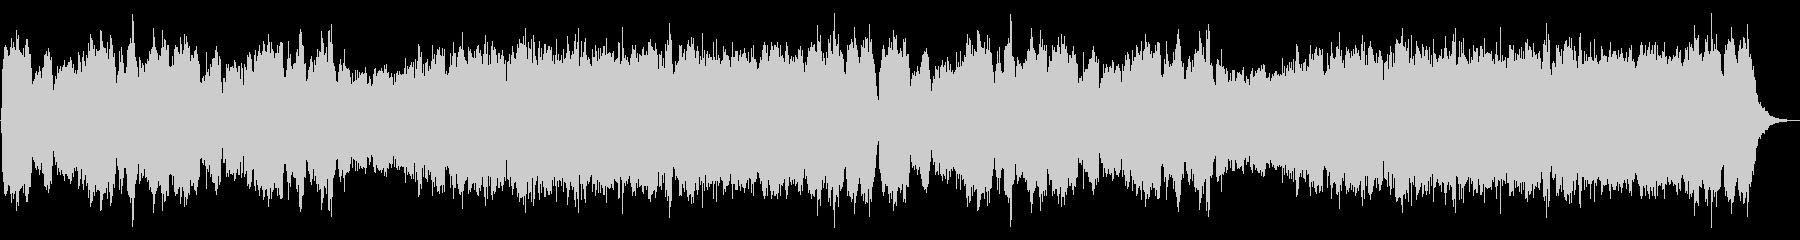 パイプオルガン・コーラスの明るく荘厳な曲の未再生の波形